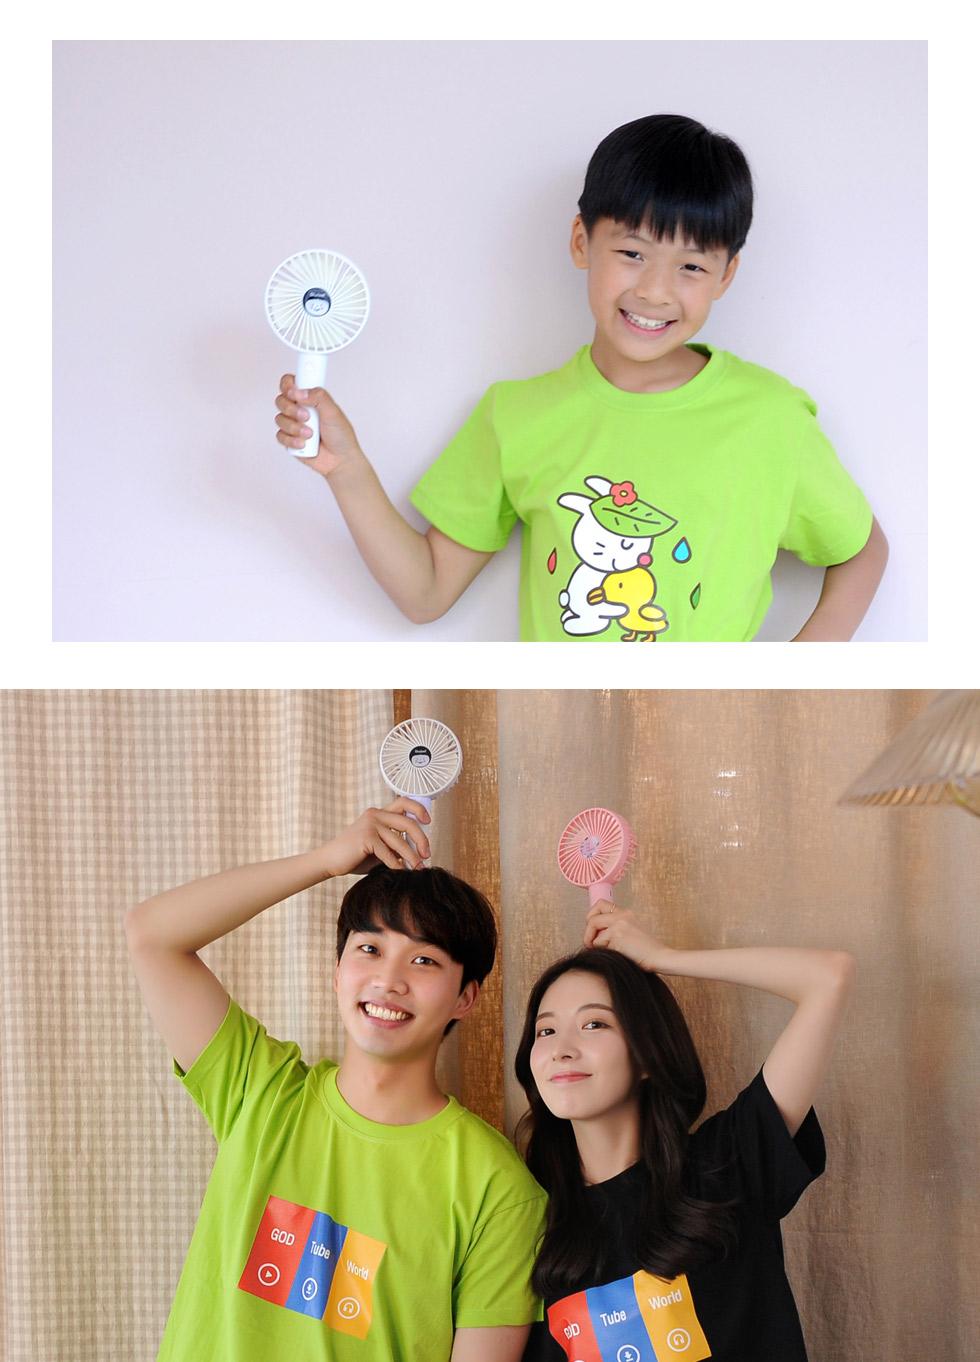 휴대용선풍기 '샬롬' 3종 어린이 사용사진 남녀노소 누구에게나 사랑스러운 디자인, 간편한 사용법